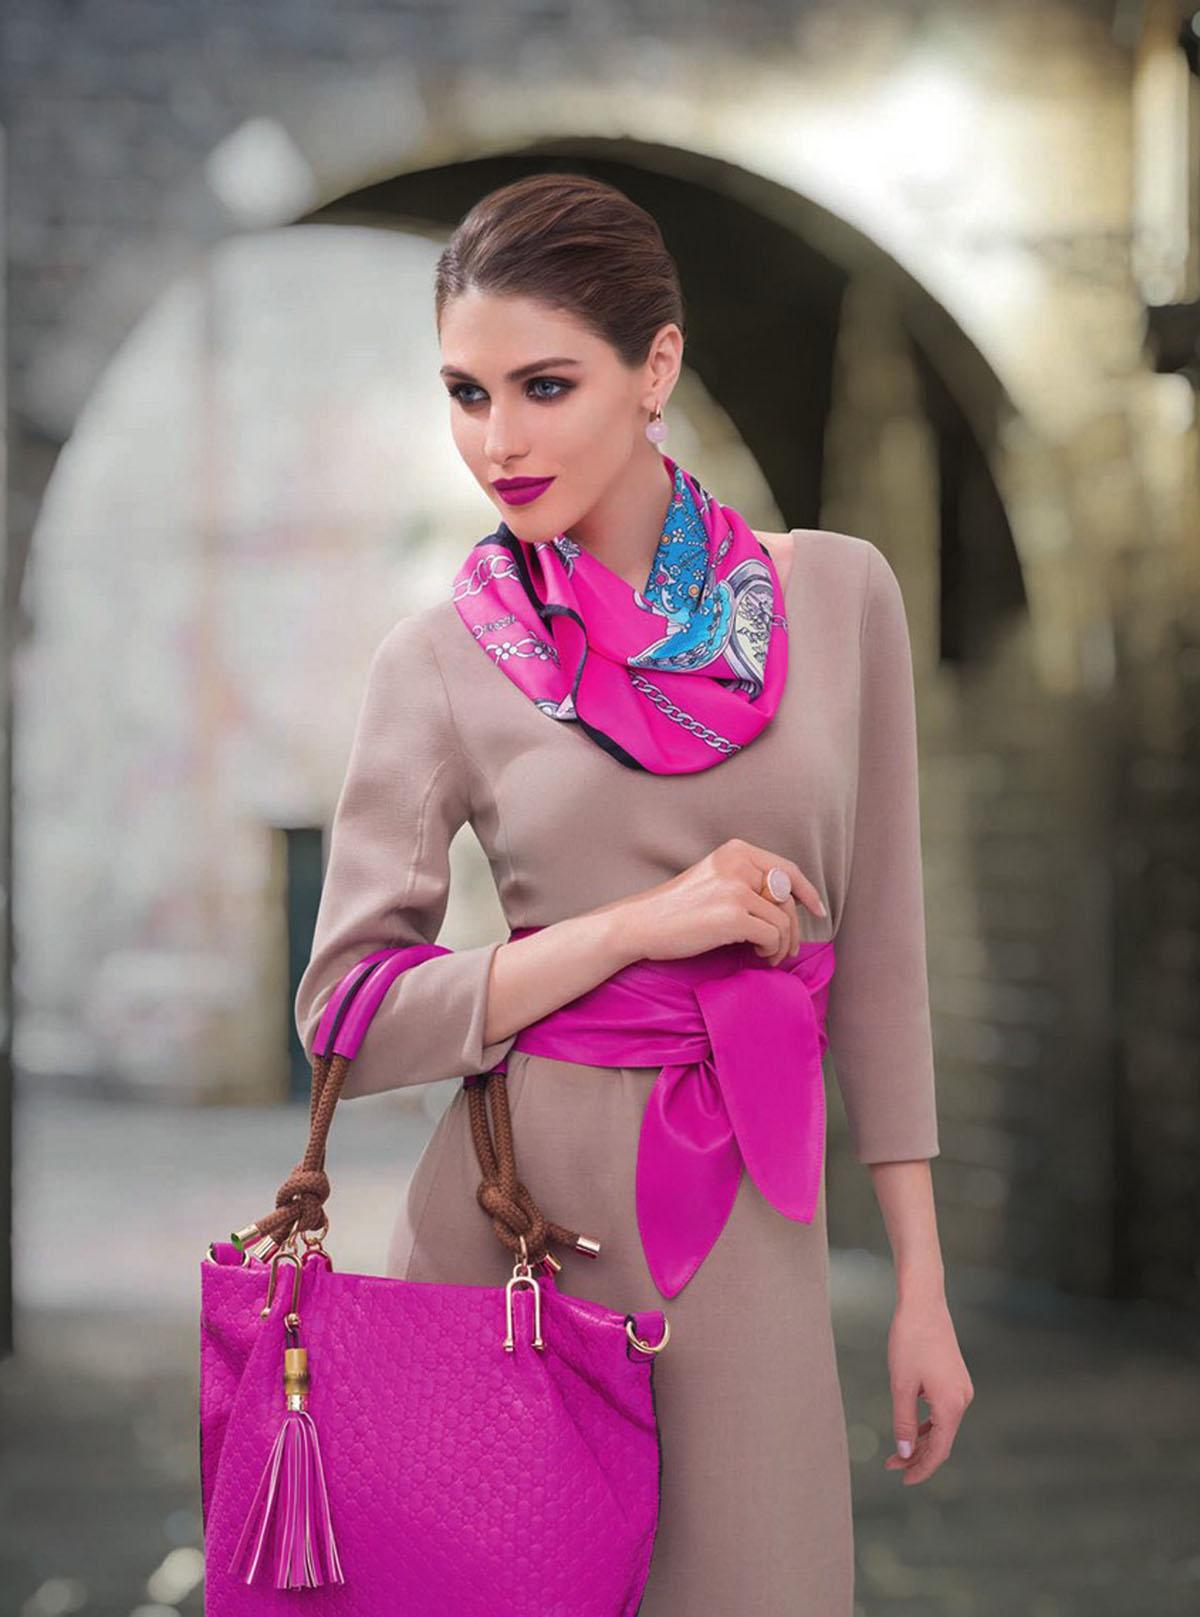 Широкий розовый ремень с кремовым платьем